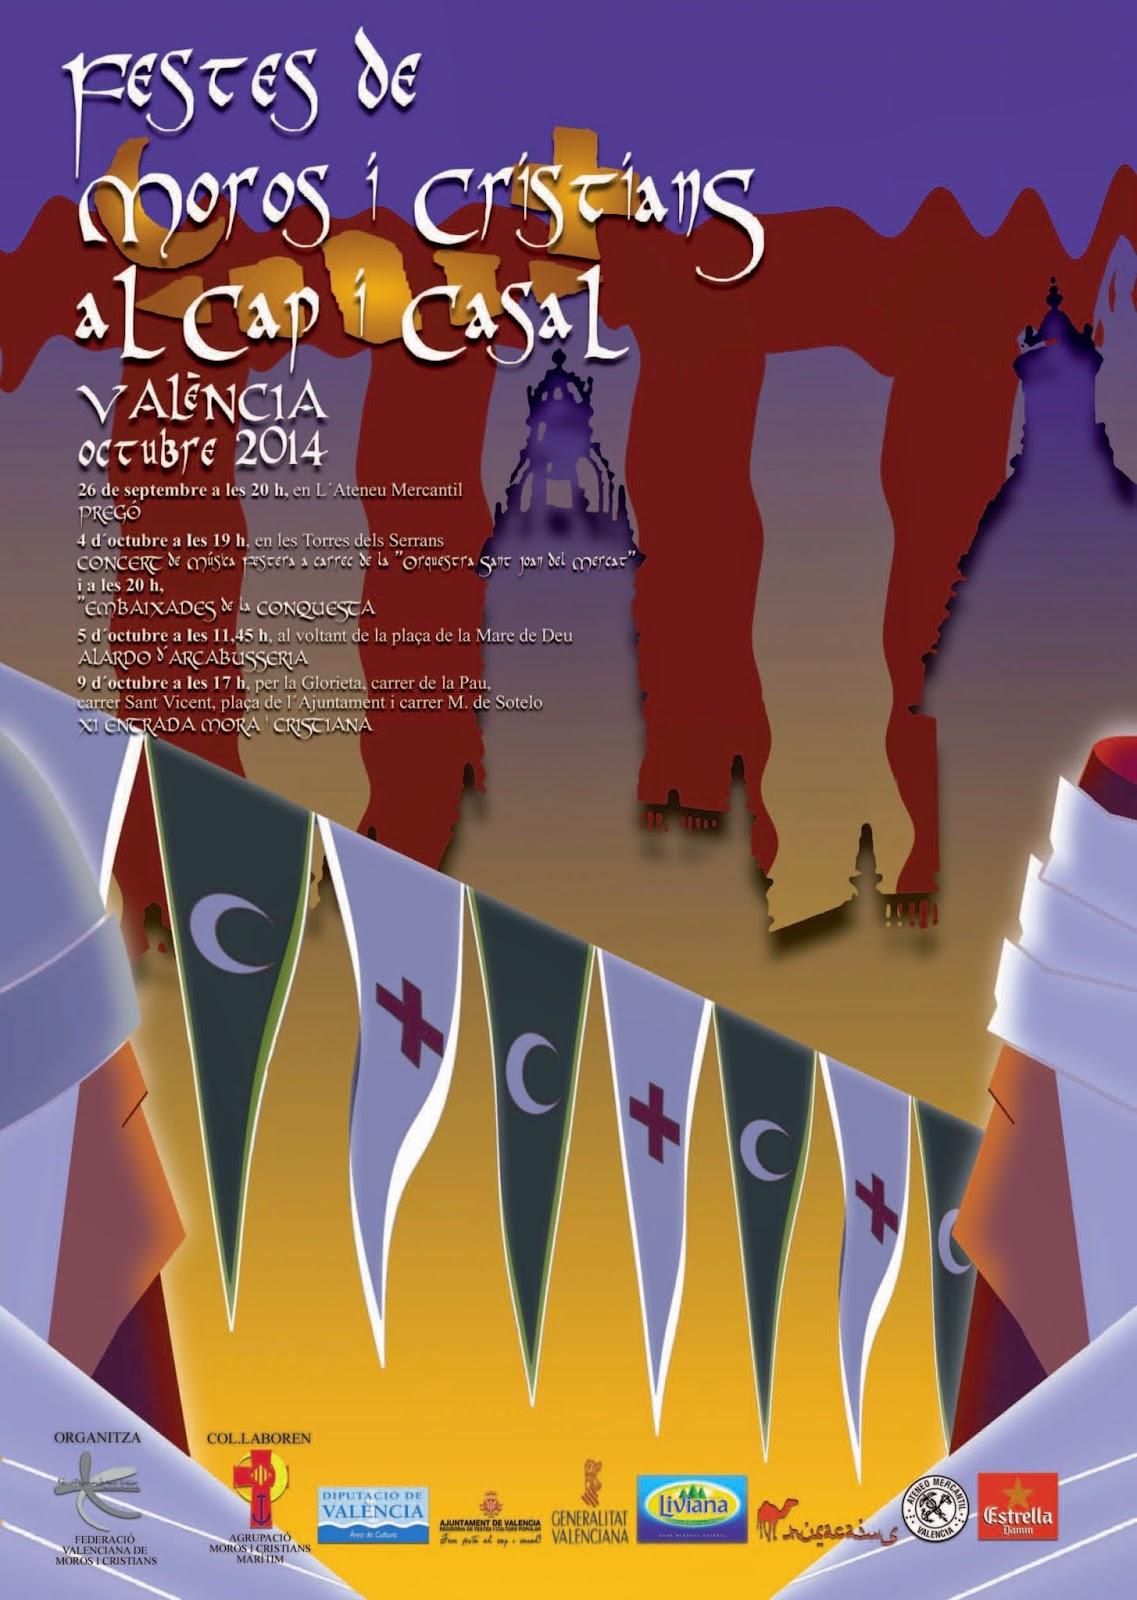 Cartel Festes MMiCC al Cap i Casal